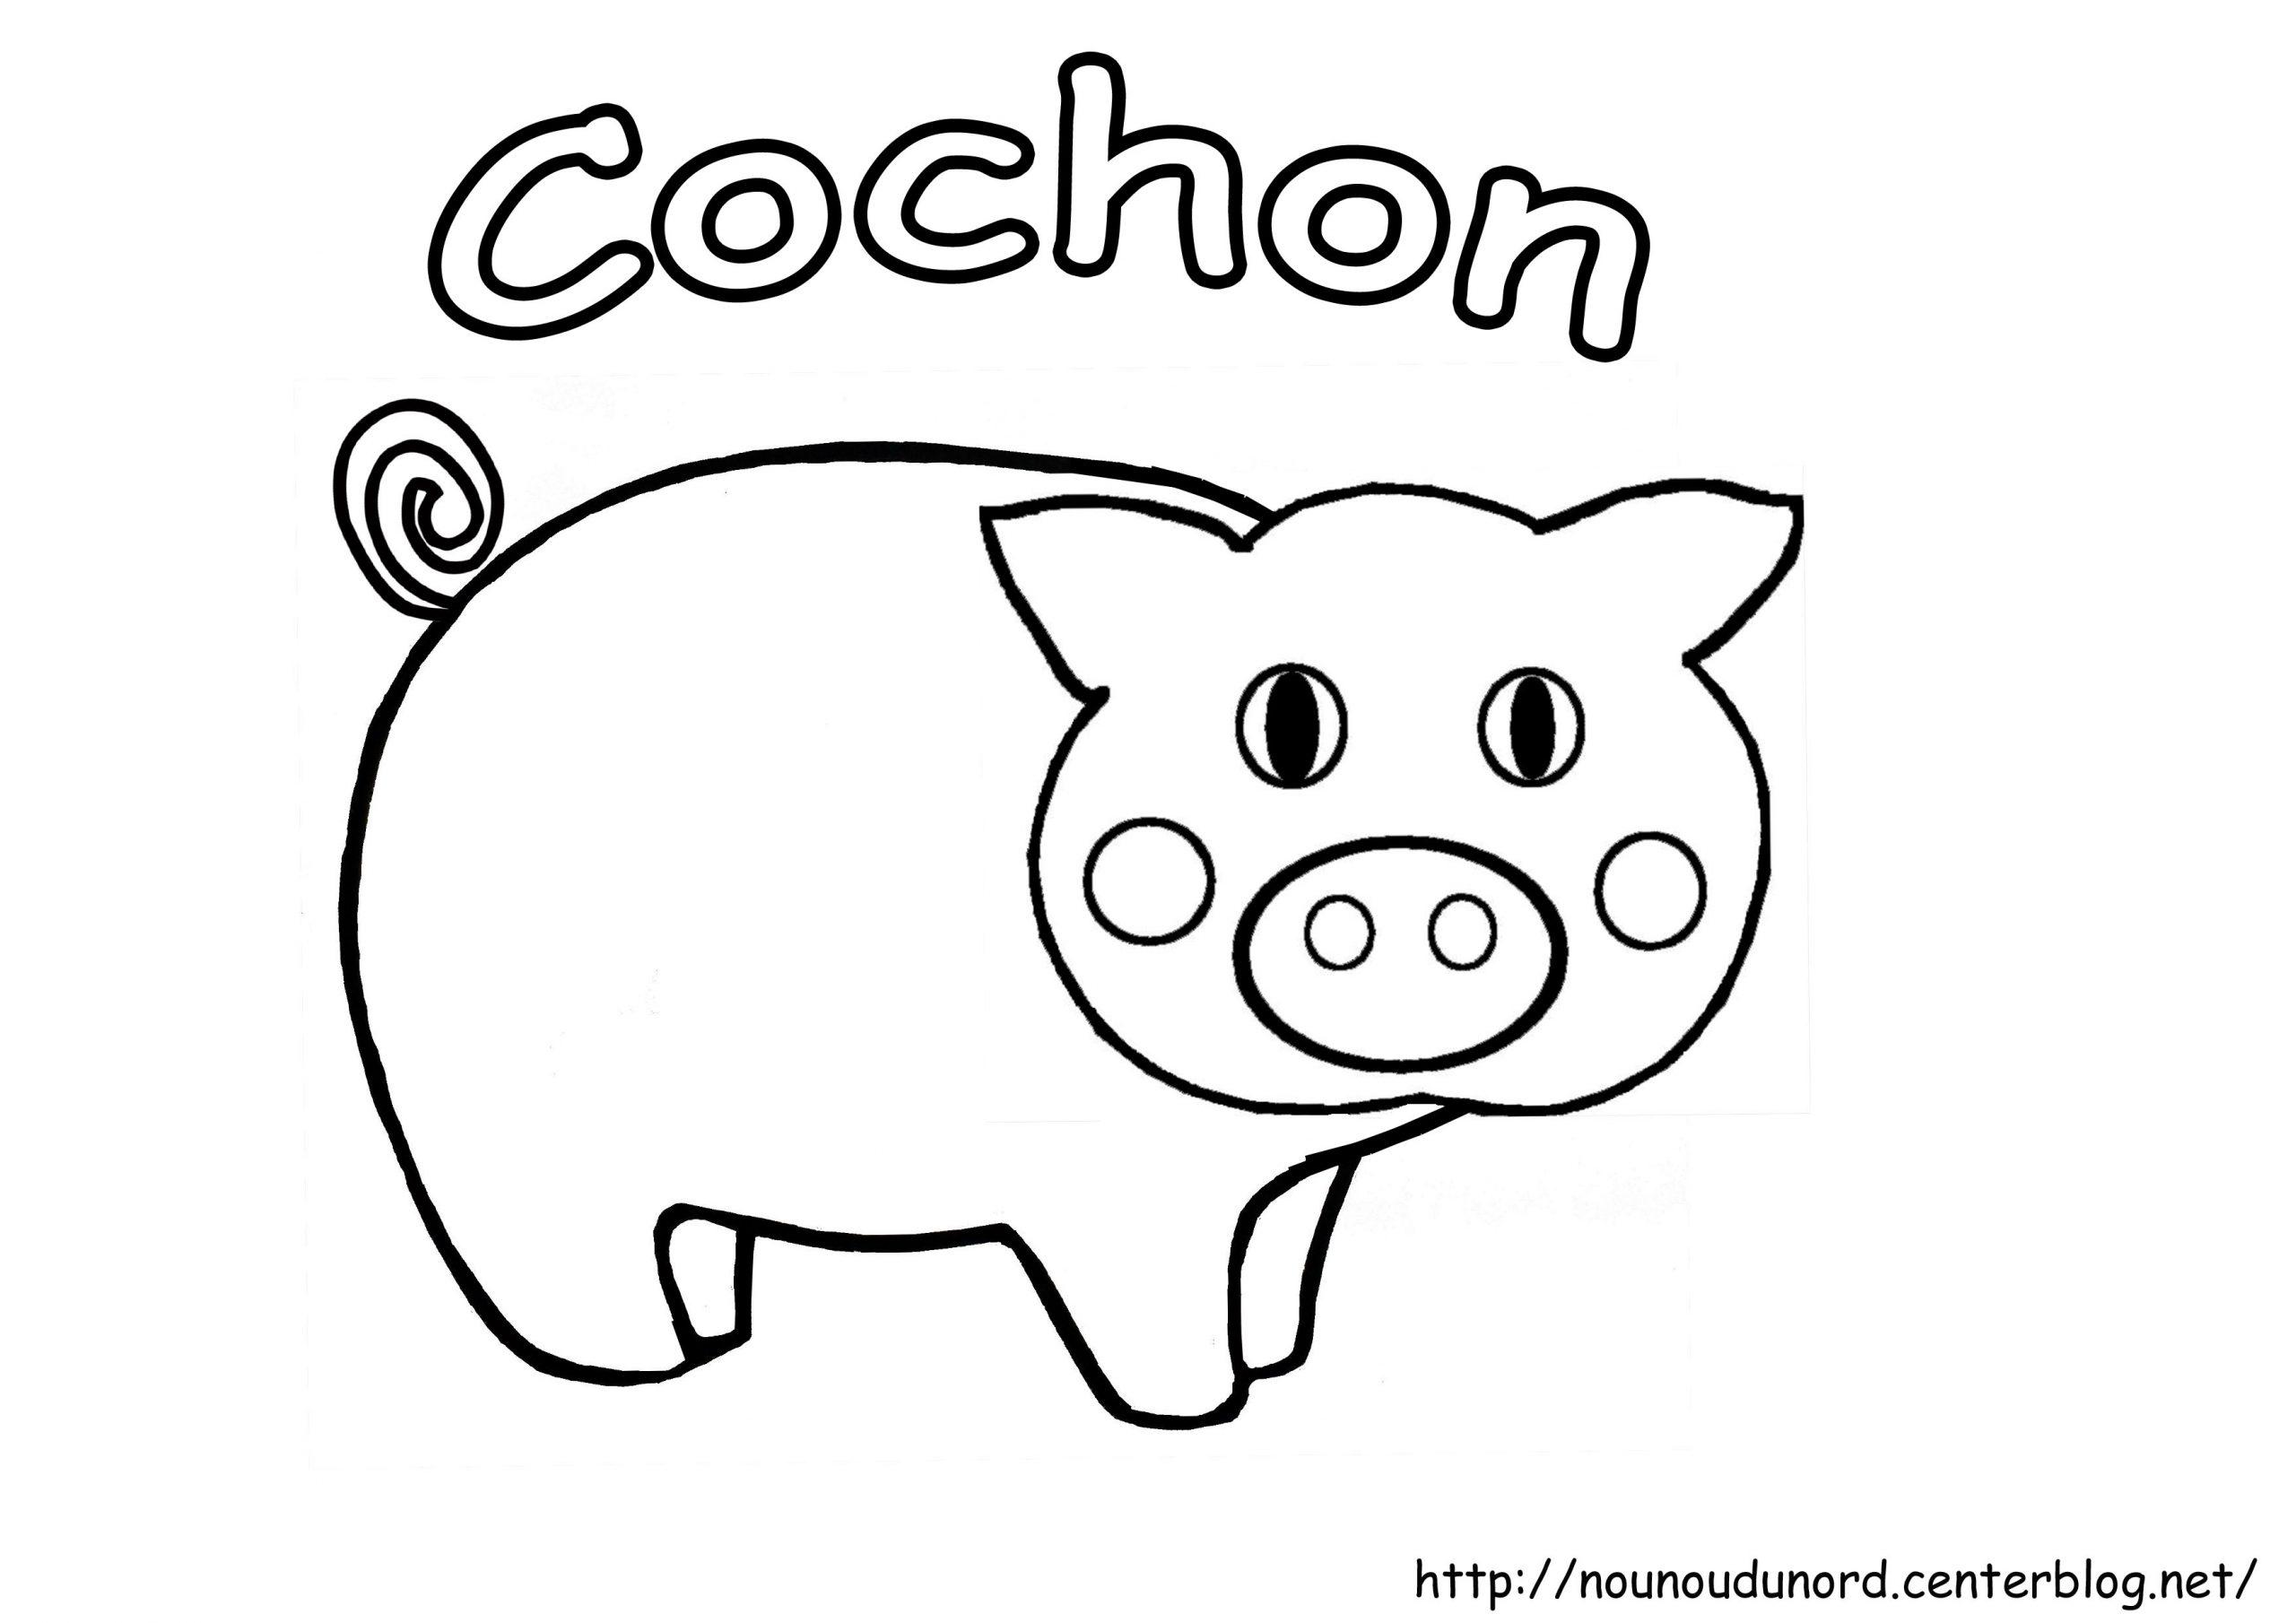 116 Dessins De Coloriage Cochon À Imprimer tout Dessin Cochon A Colorier